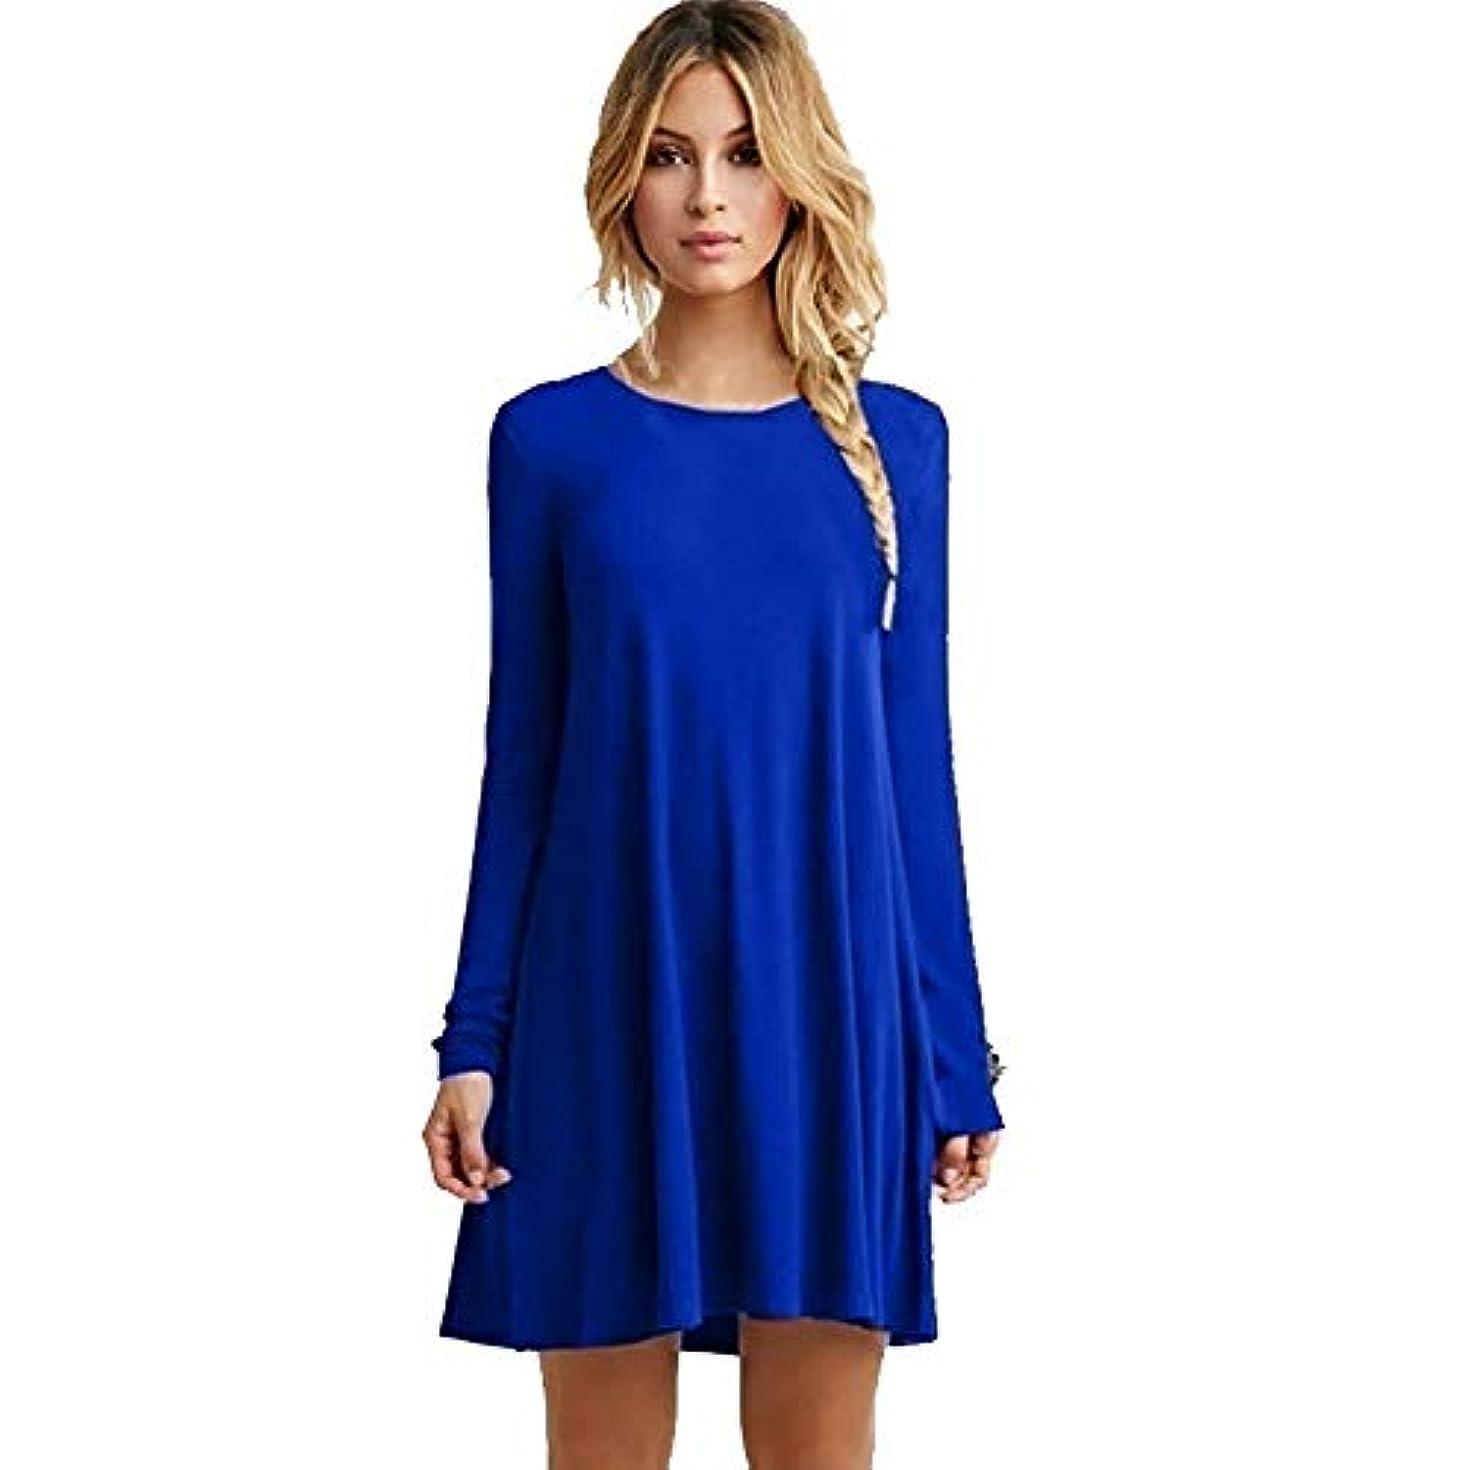 嫌い遮る差別化するMIFANルースドレス、プラスサイズのドレス、長袖のドレス、女性のドレス、秋のドレス、マキシドレス、コットンドレス